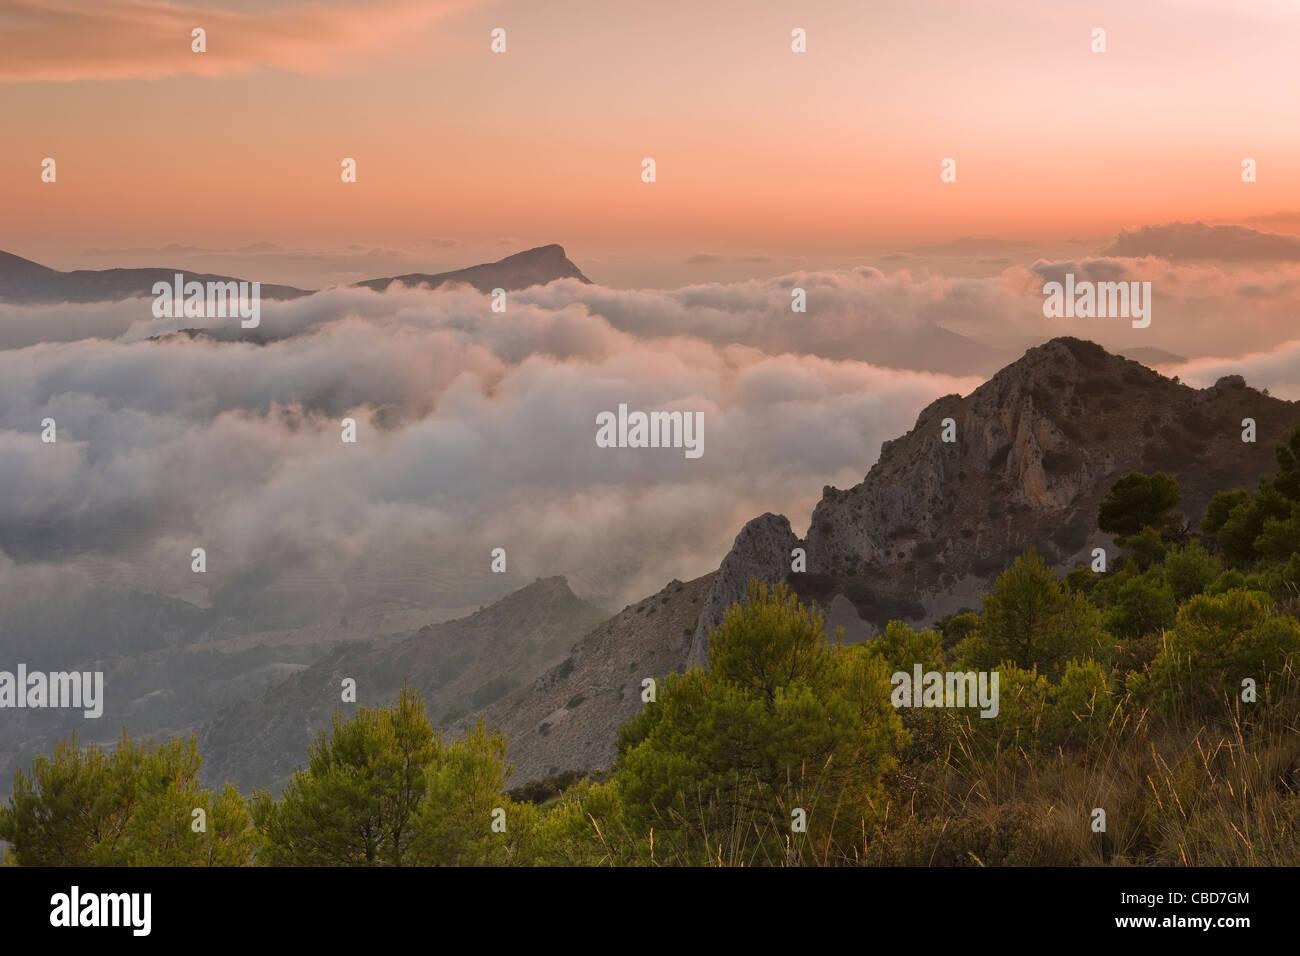 Fog rolling over rocky landscape - Stock Image